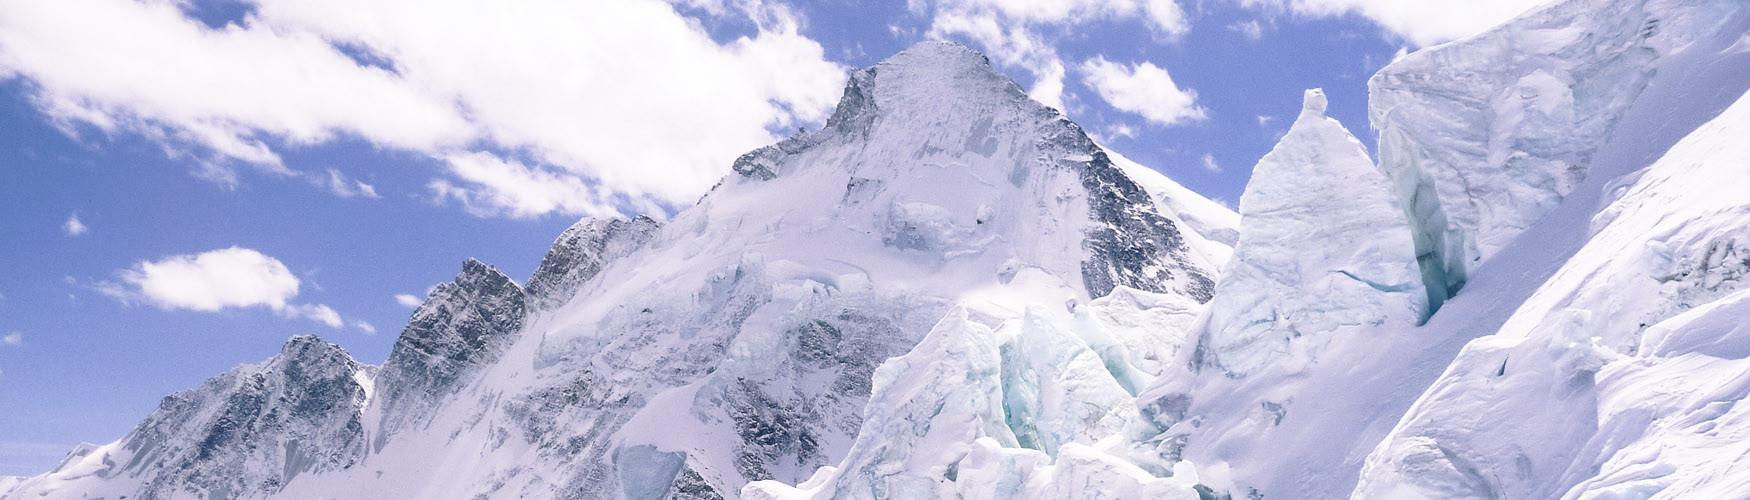 Chamonix Zermatt Haute Route